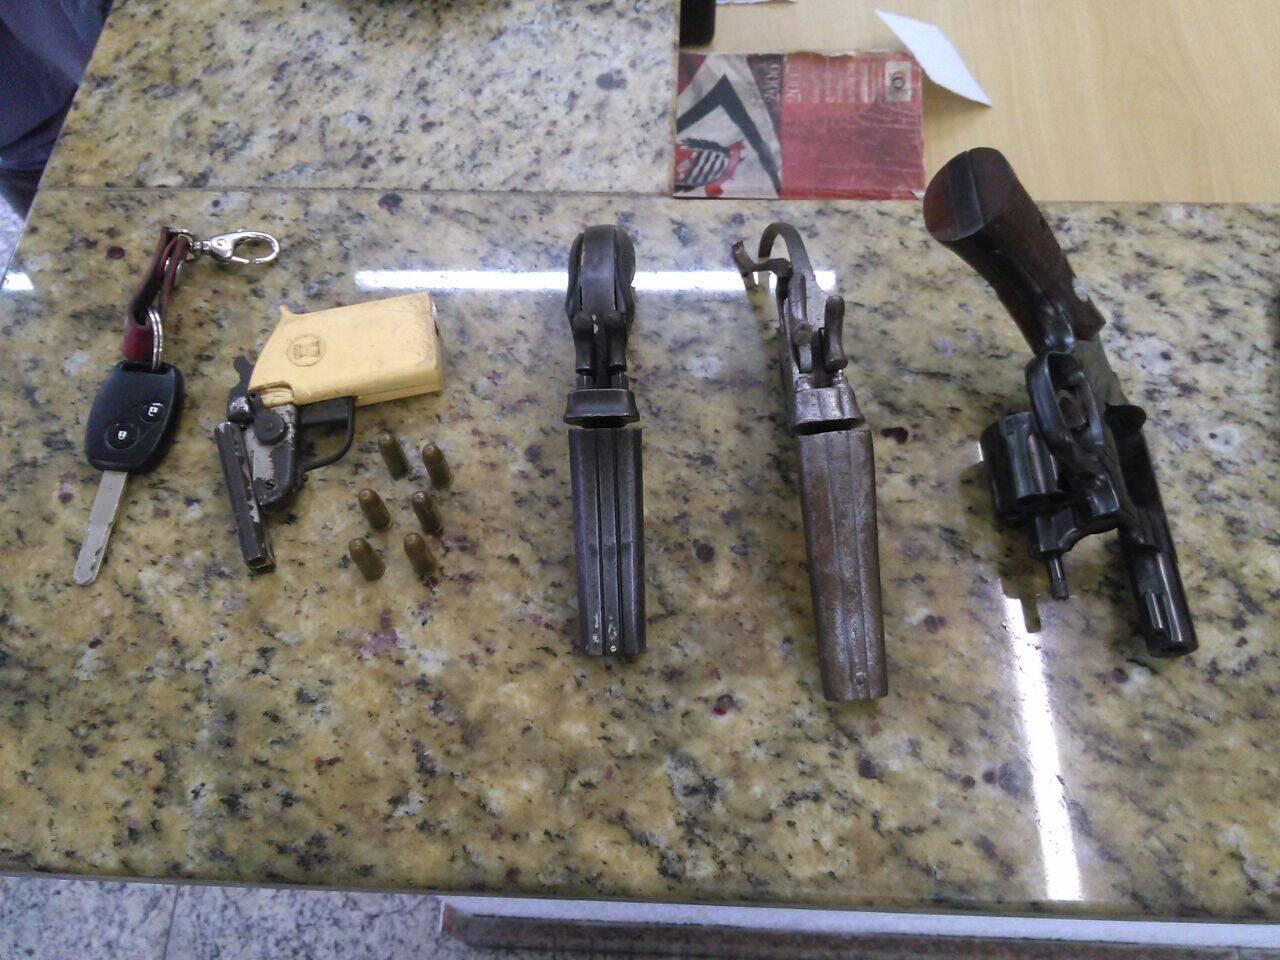 Os suspeitos tentaram fugir da Equipe da ROCAM. Com eles foram encontradas 4 armas de fogo. Foto: Divulgação/Polícia Militar